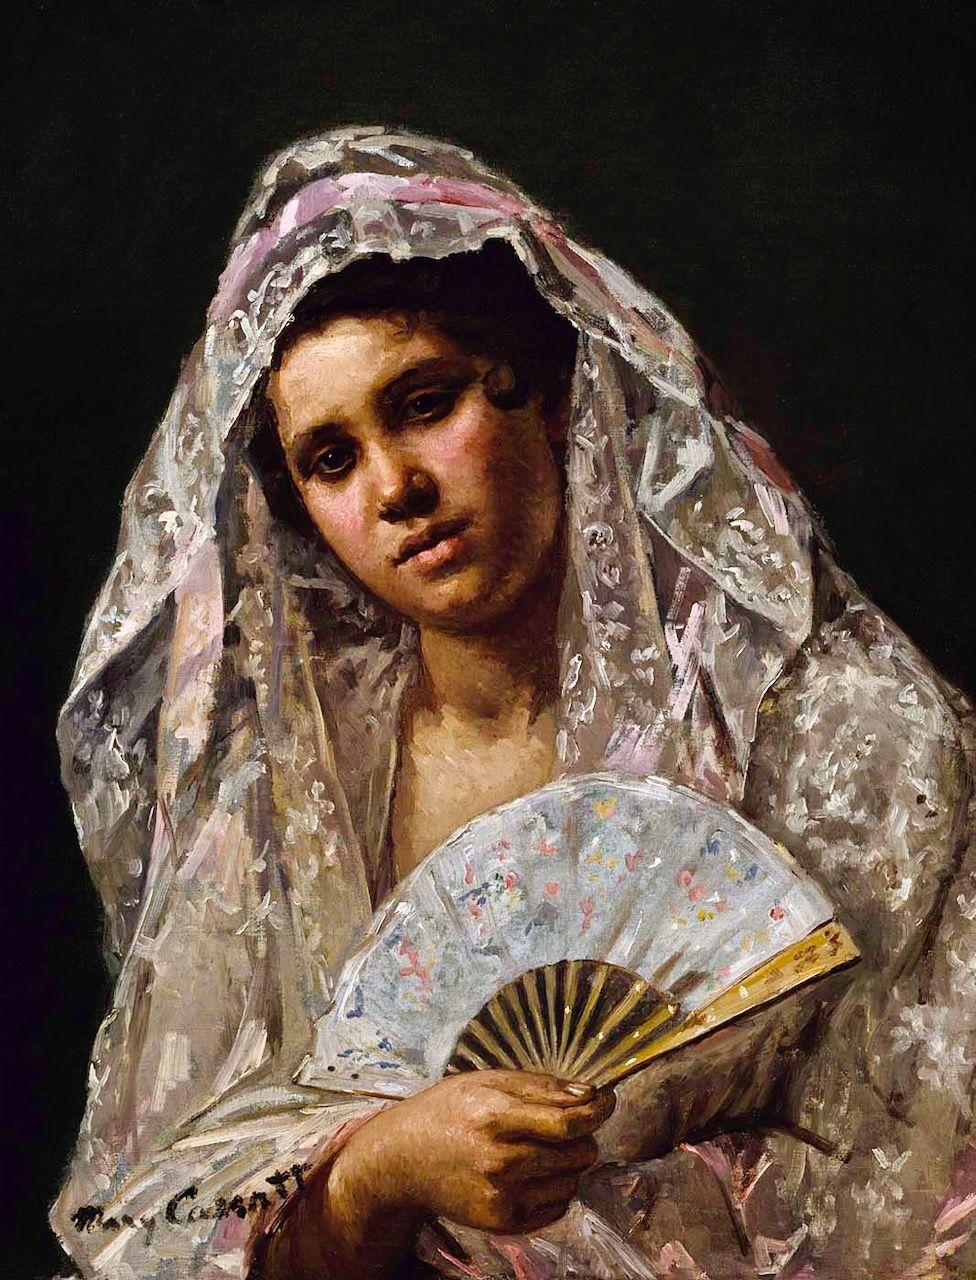 Mary Cassatt Danseuse Espagnole Tableau De Grands Peintres Et Peinture De Cassatt